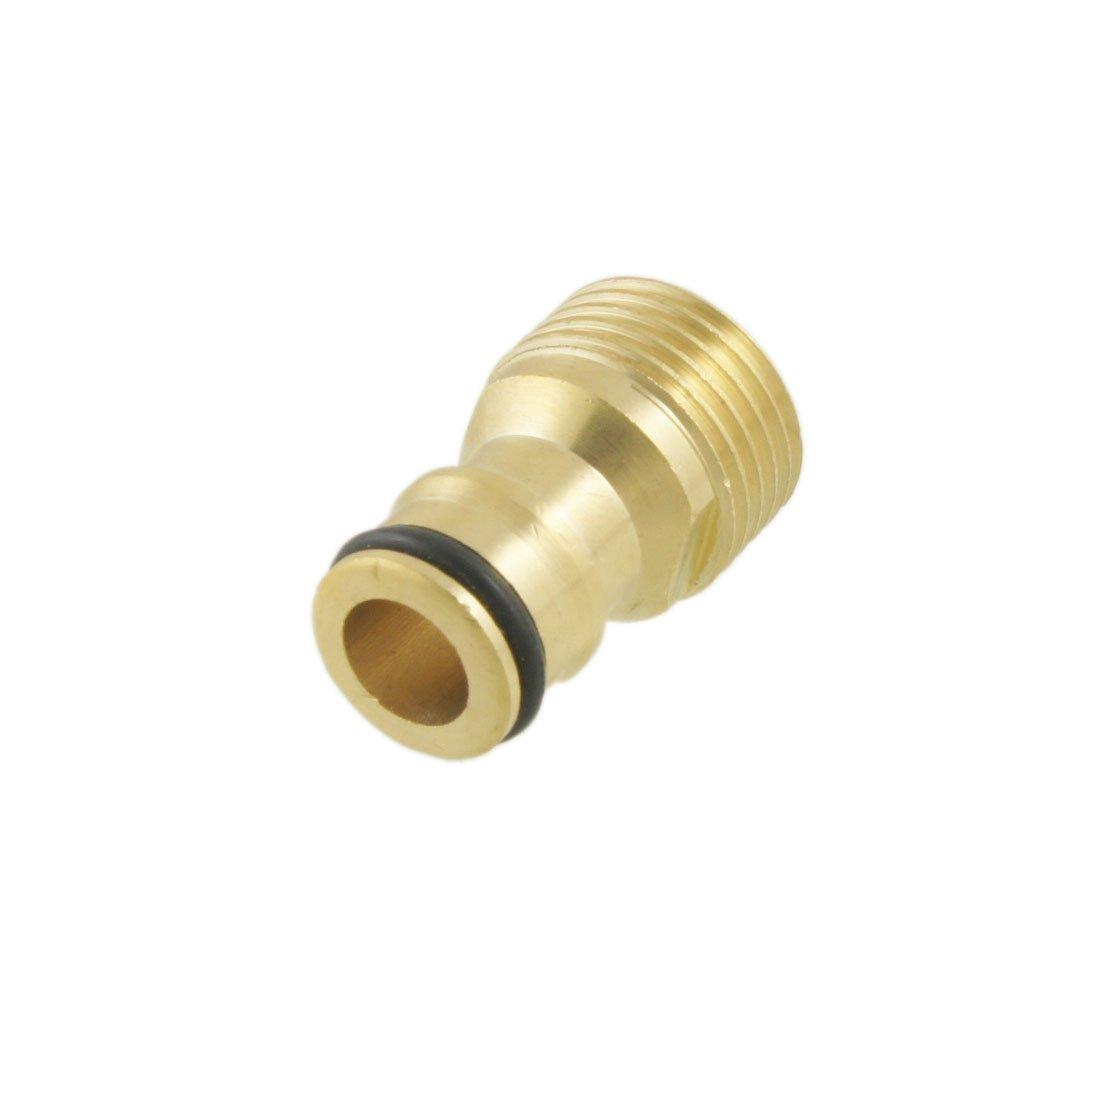 1/5, 1cm Diamètre robinet fileté mâle connecteur adaptateur tuyau en laiton 1cm Diamètre robinet fileté mâle connecteur adaptateur tuyau en laiton Sourcingmap a12031900ux0053